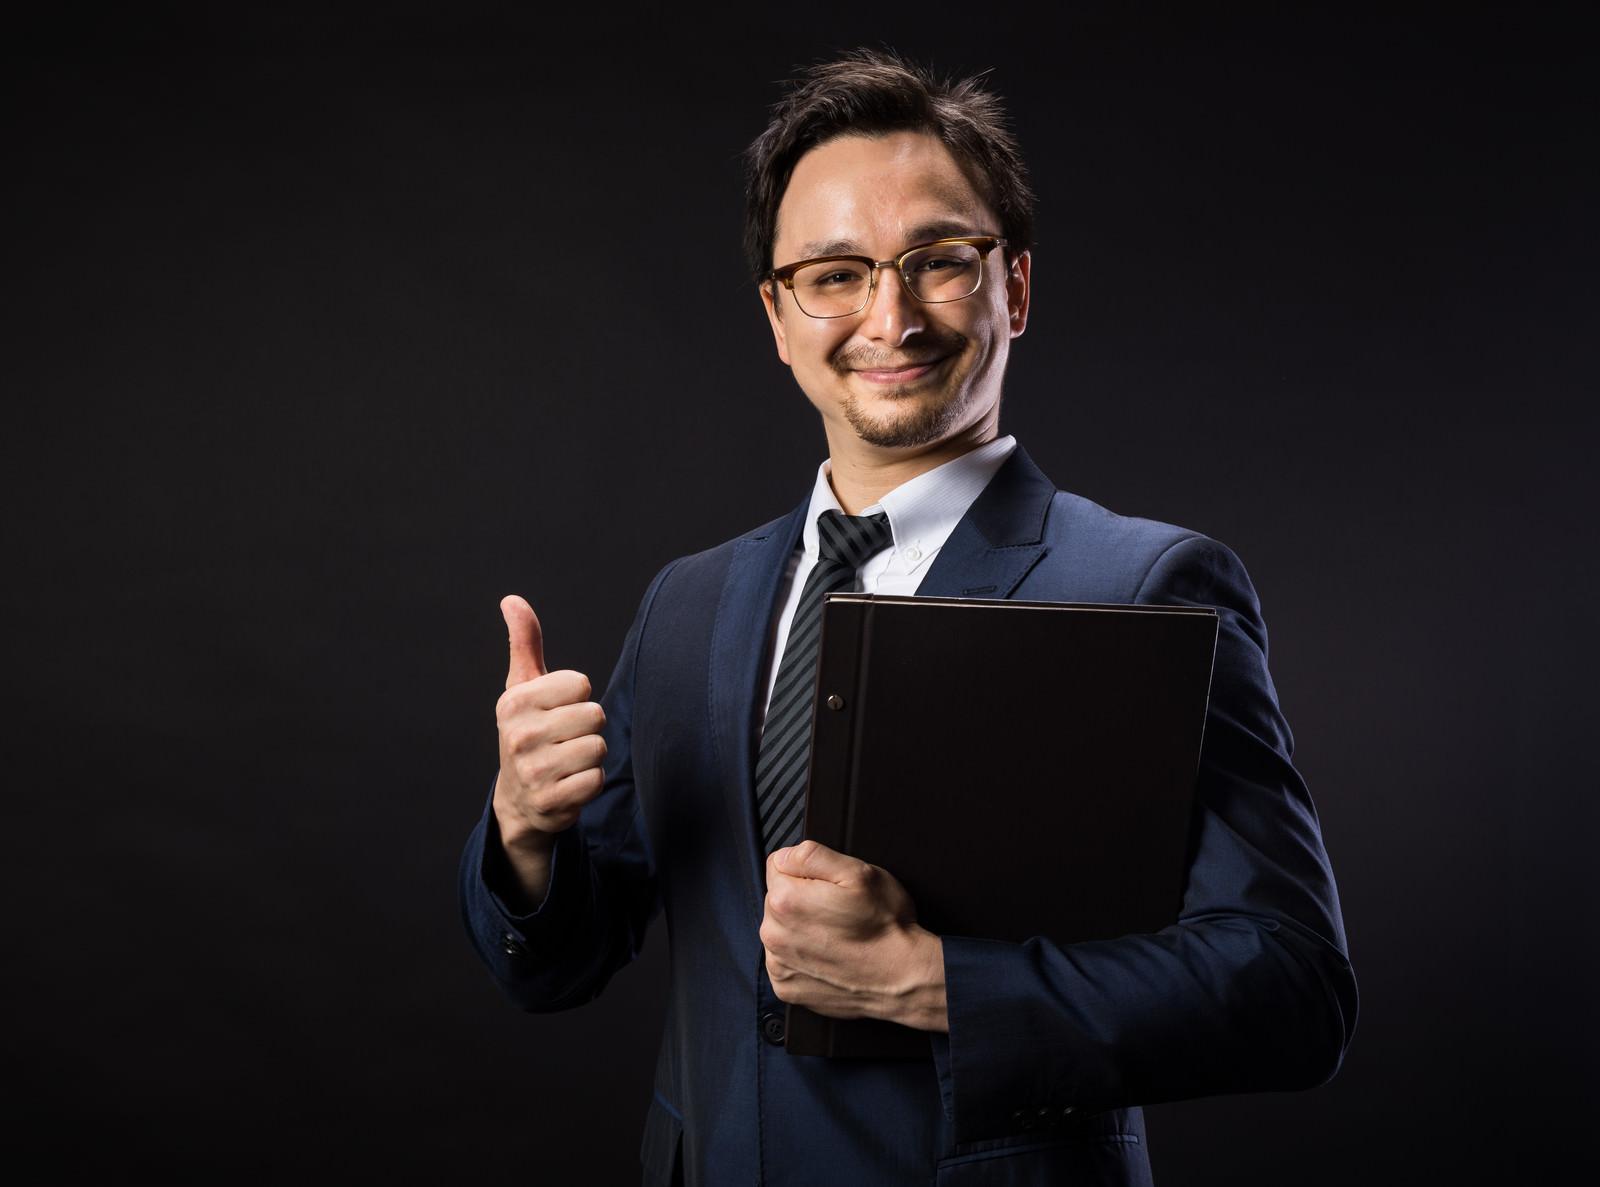 「弊社はGDPR対応済みですと笑顔で応えるリーガルアドバイザー弊社はGDPR対応済みですと笑顔で応えるリーガルアドバイザー」[モデル:Max_Ezaki]のフリー写真素材を拡大